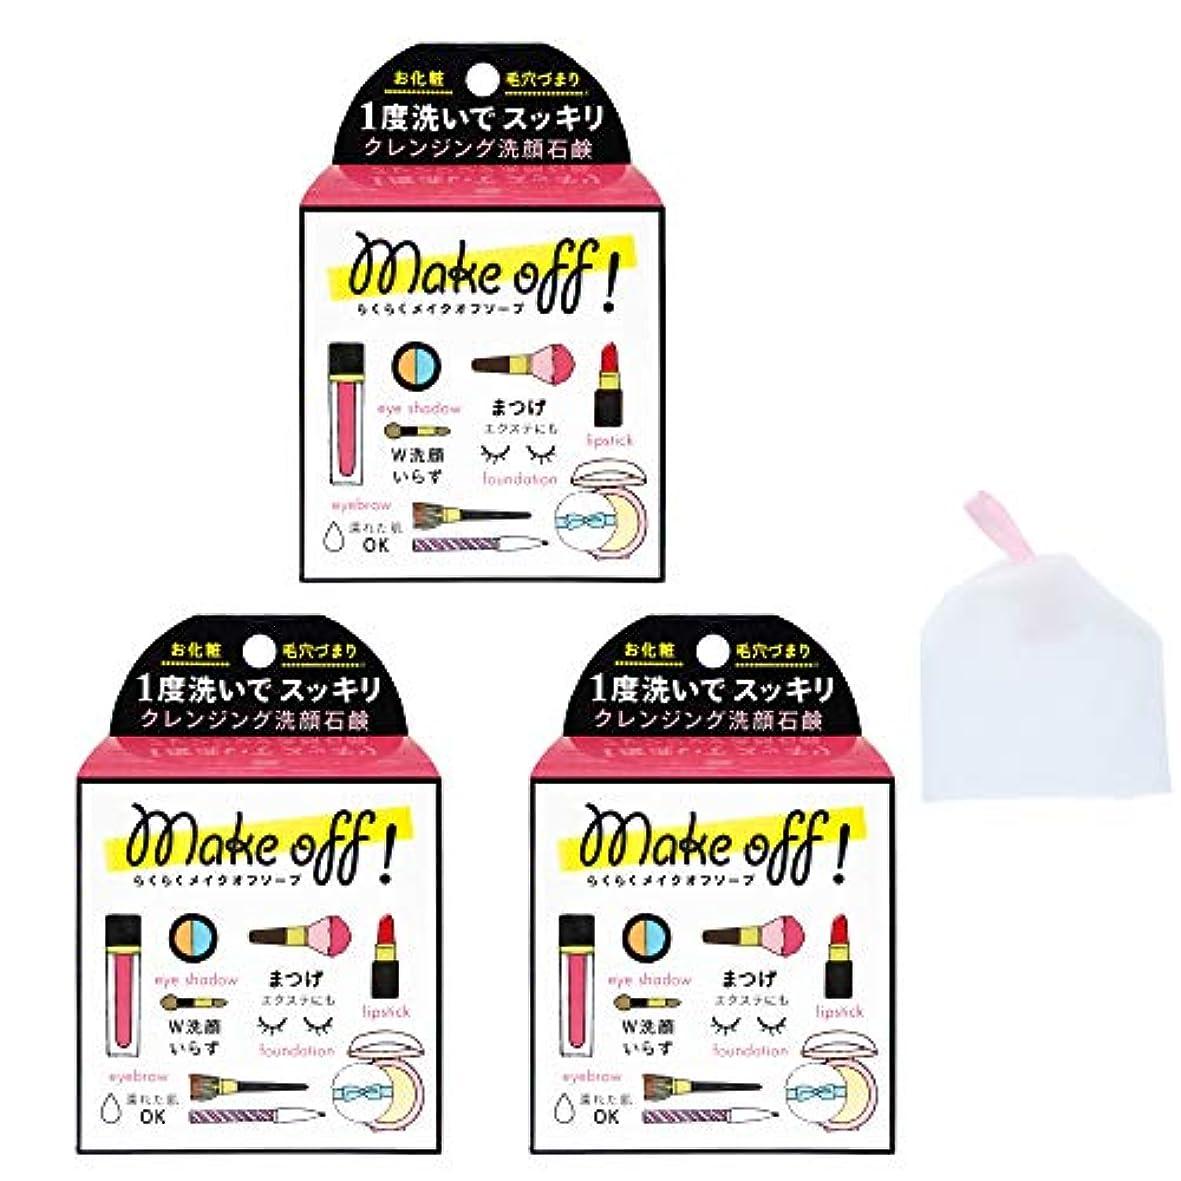 エキスパートクアッガ満足できる【3個セット+泡立てネット付】ペリカン石鹸 MAKE OFF SOAP メイク オフ ソープ 80g 【泡立てネット付】